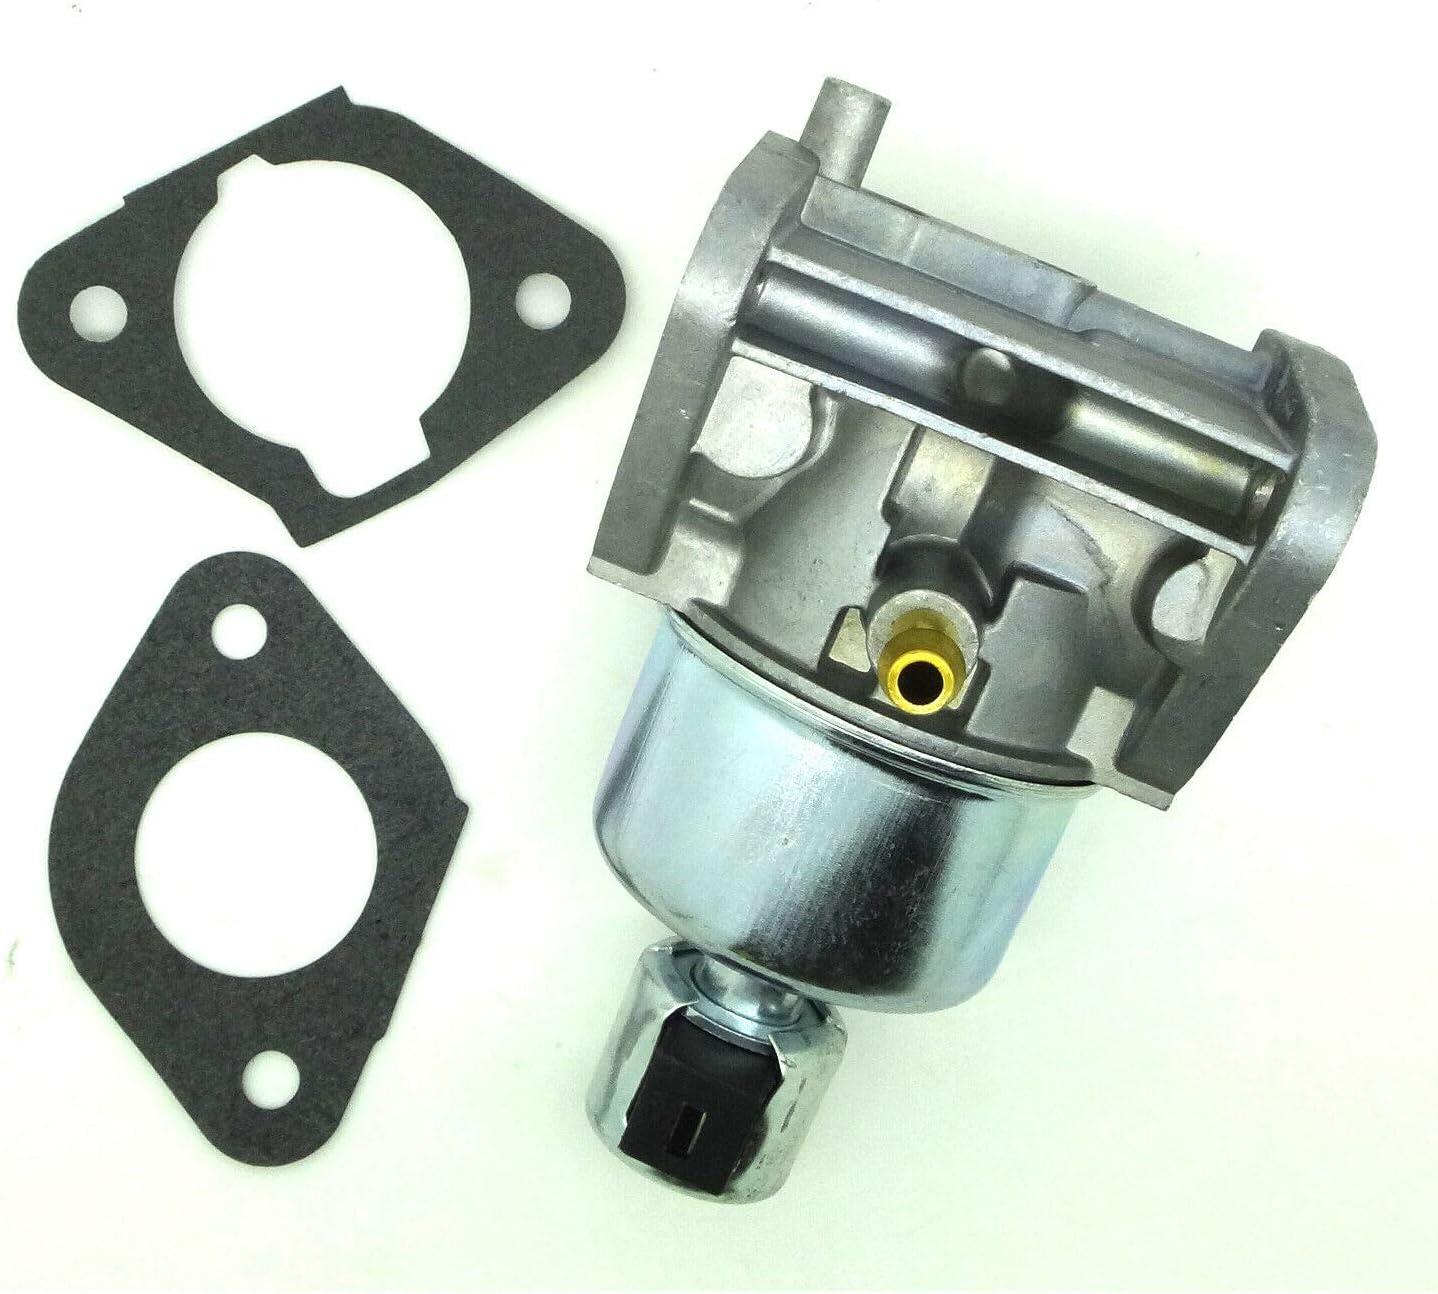 Carburetor with Gaskets for Kawasaki 15004-0985 Carb Fits Specific FR691V FS691V 15004-0829